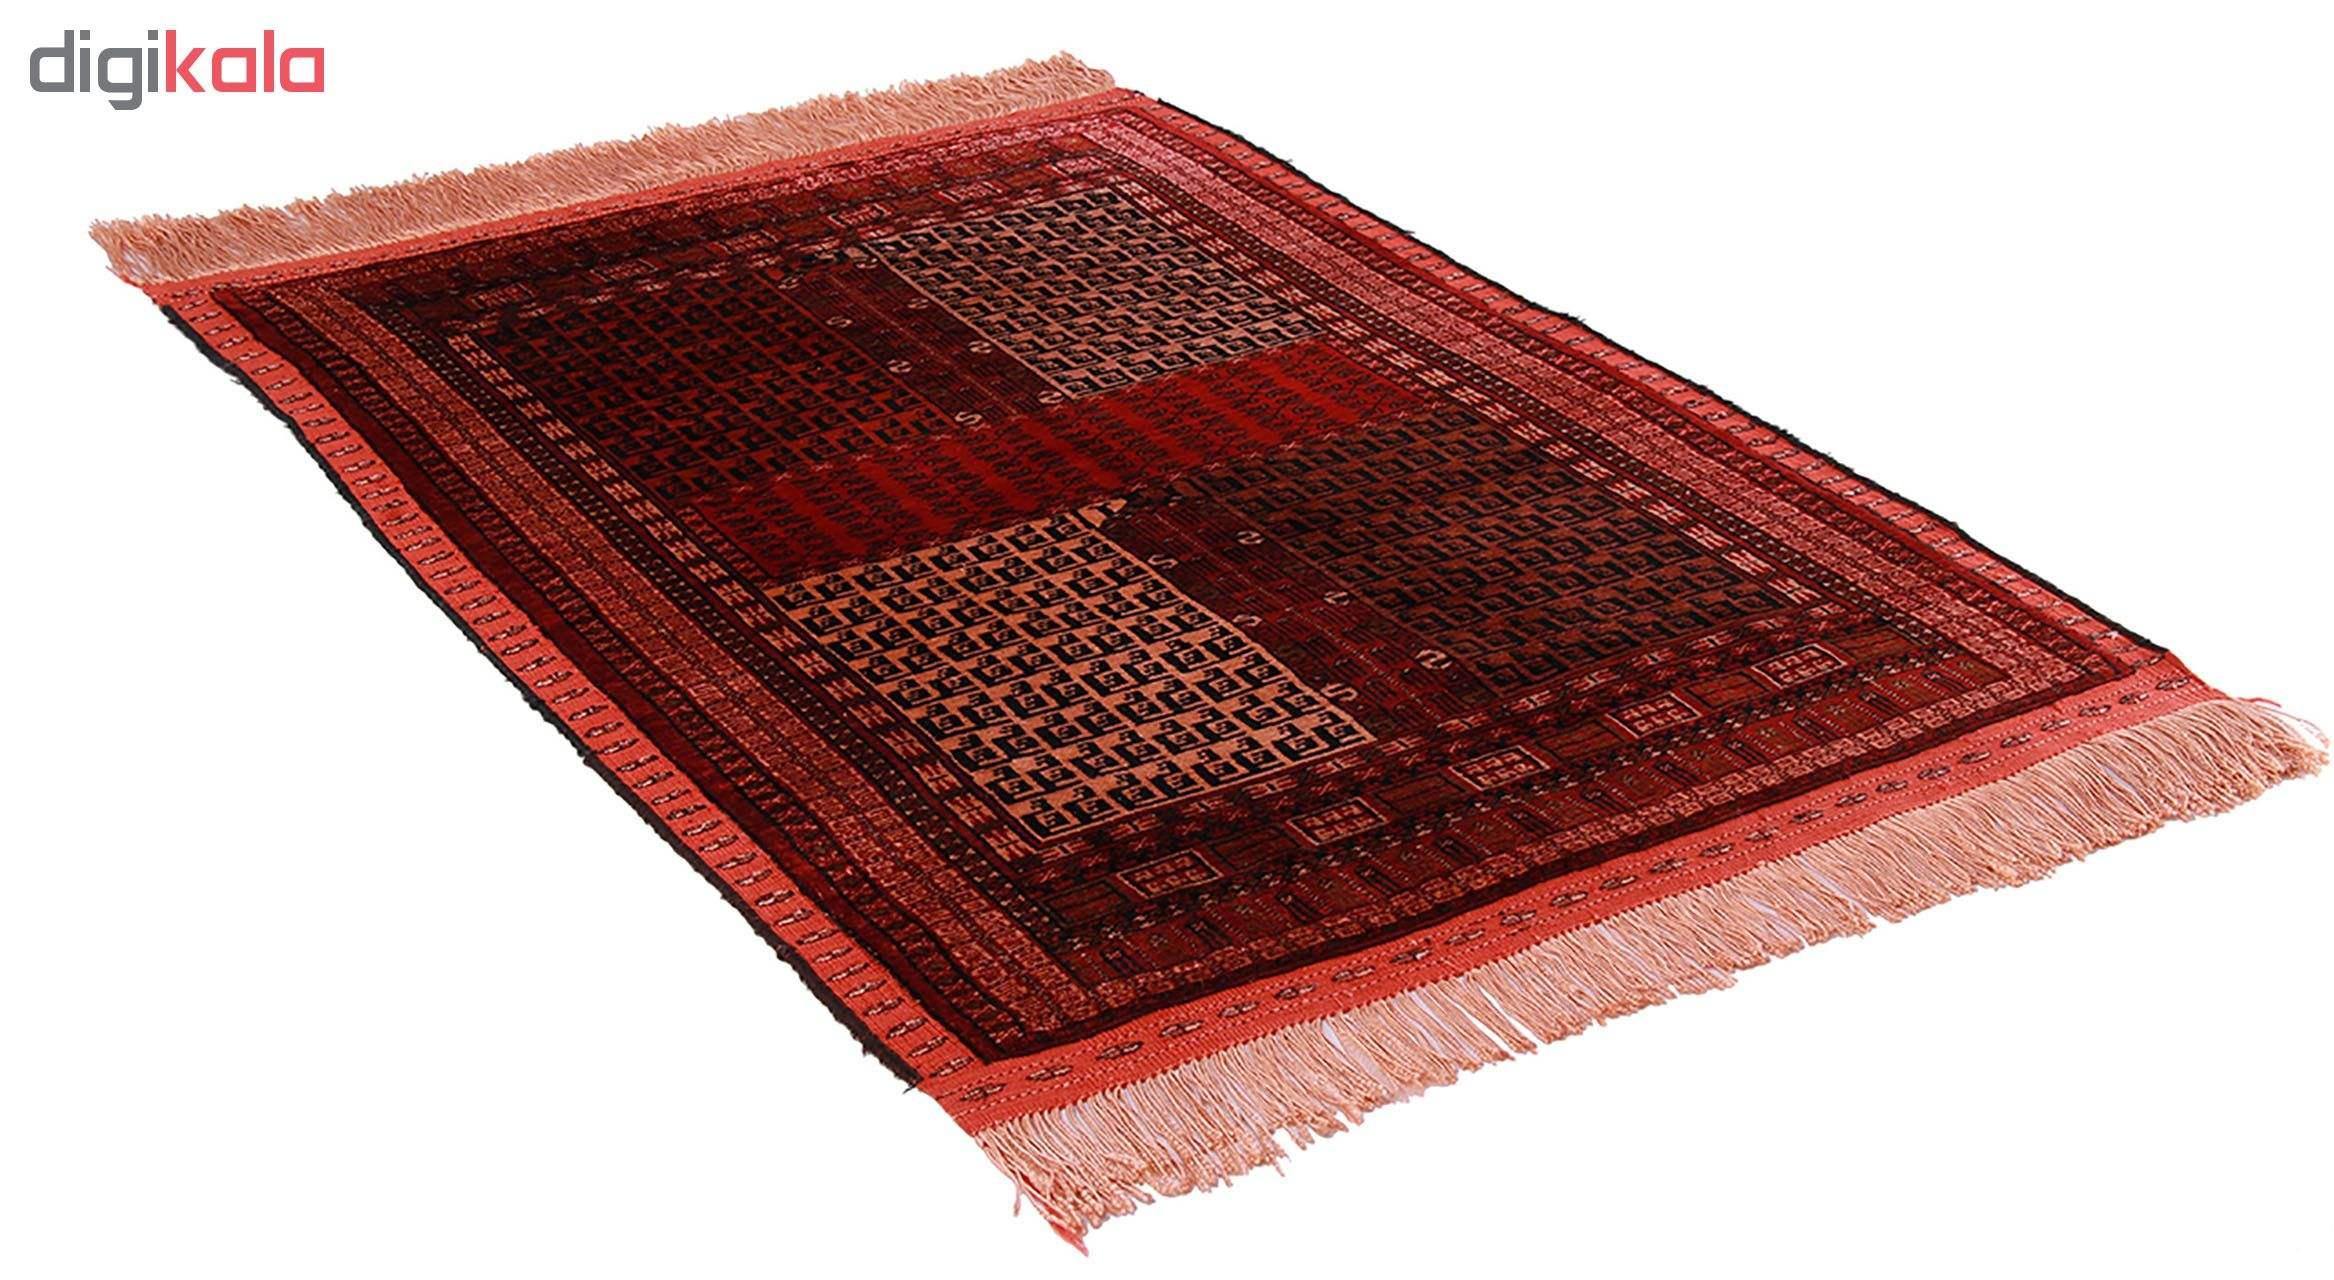 فرش دستبافت نیم متریتمام ابریشم دو رو طرح ترکمنکد 1701